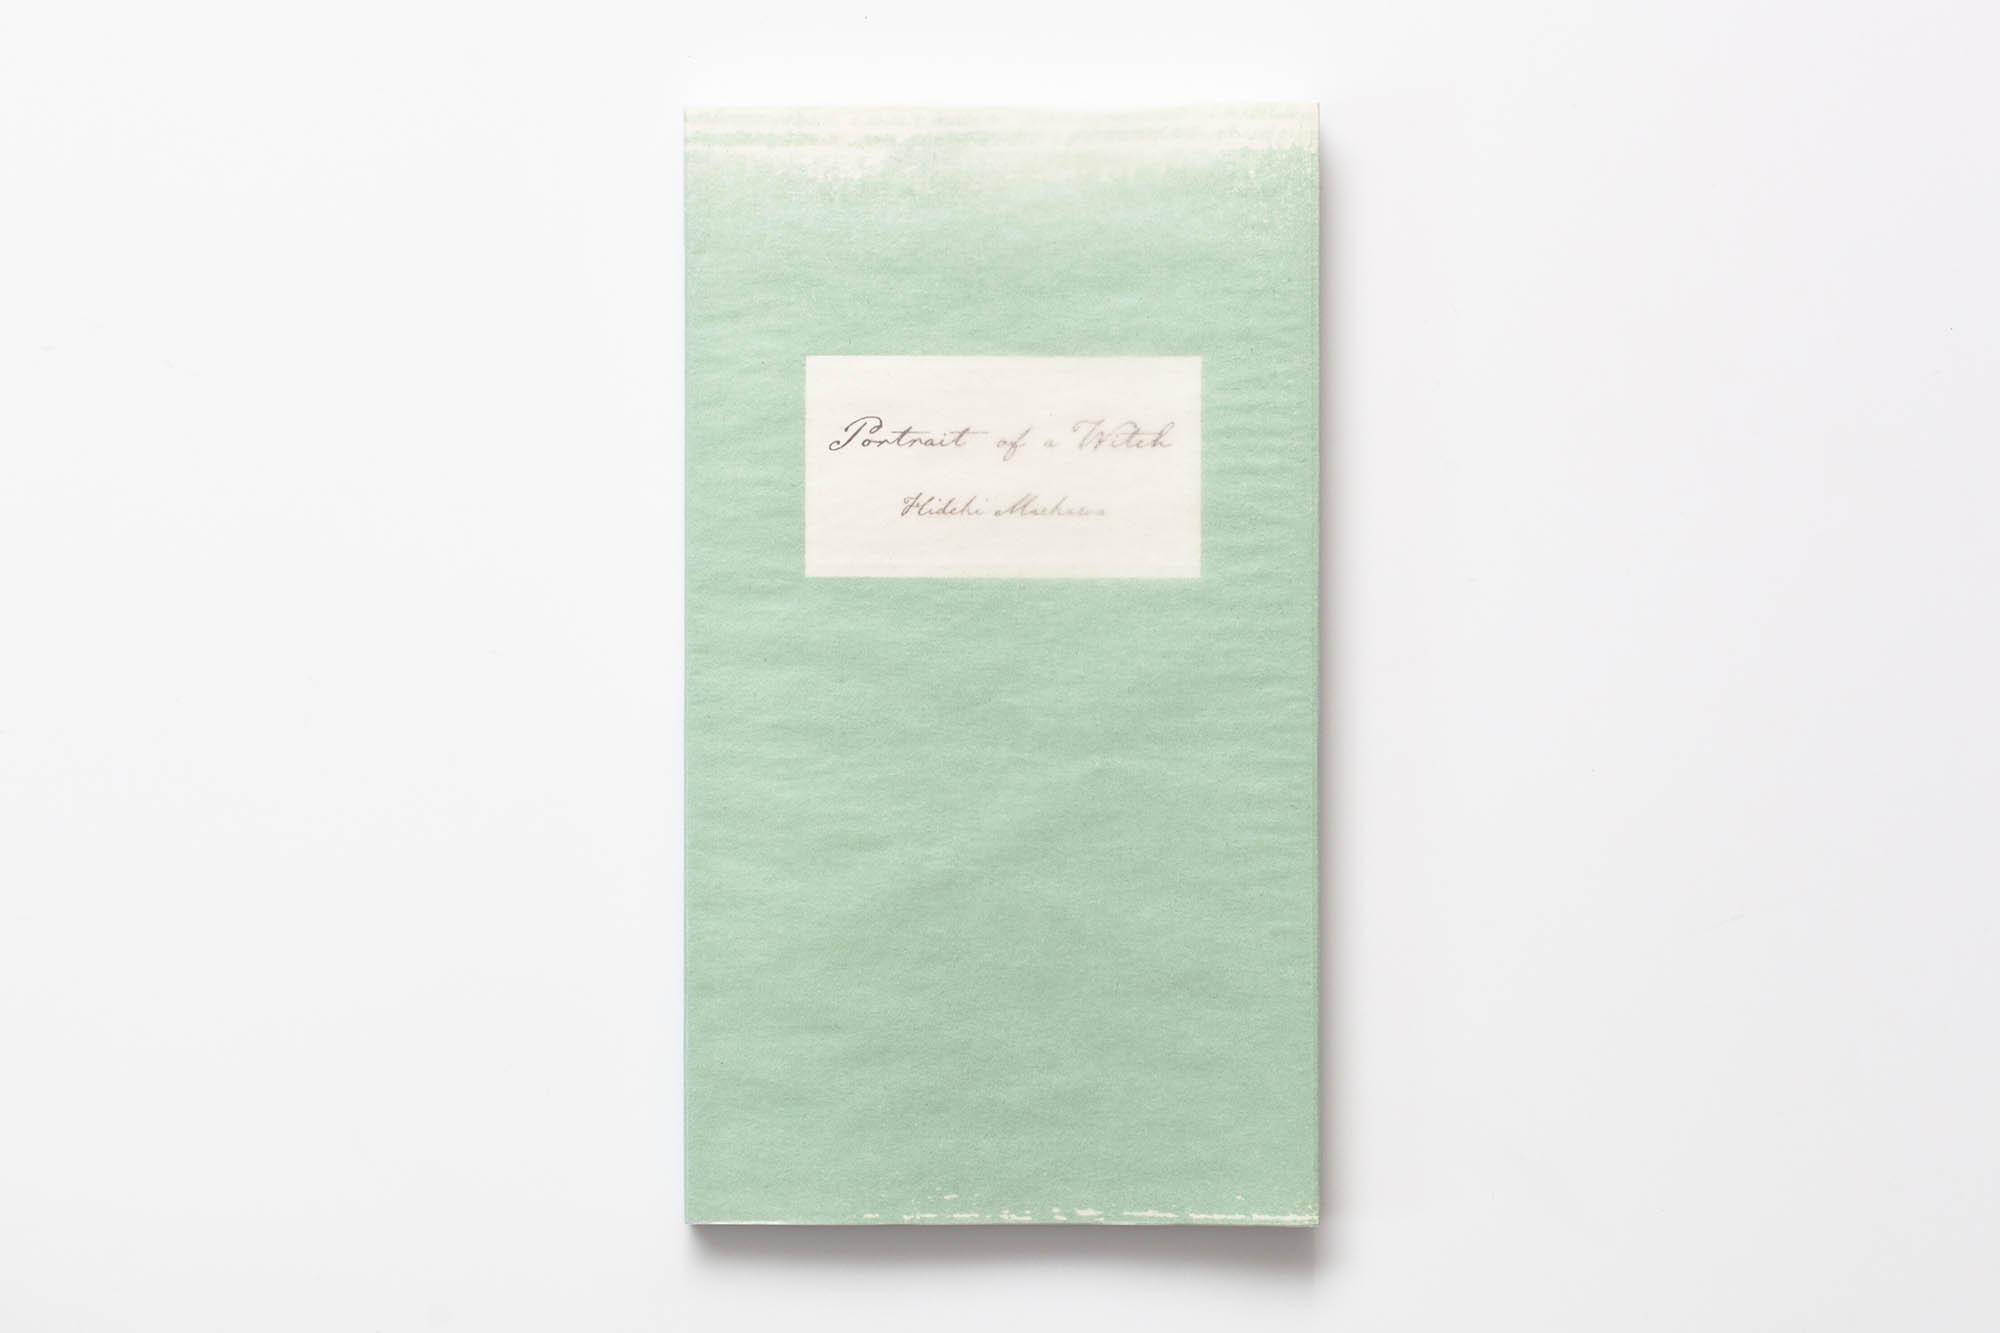 book_03_9